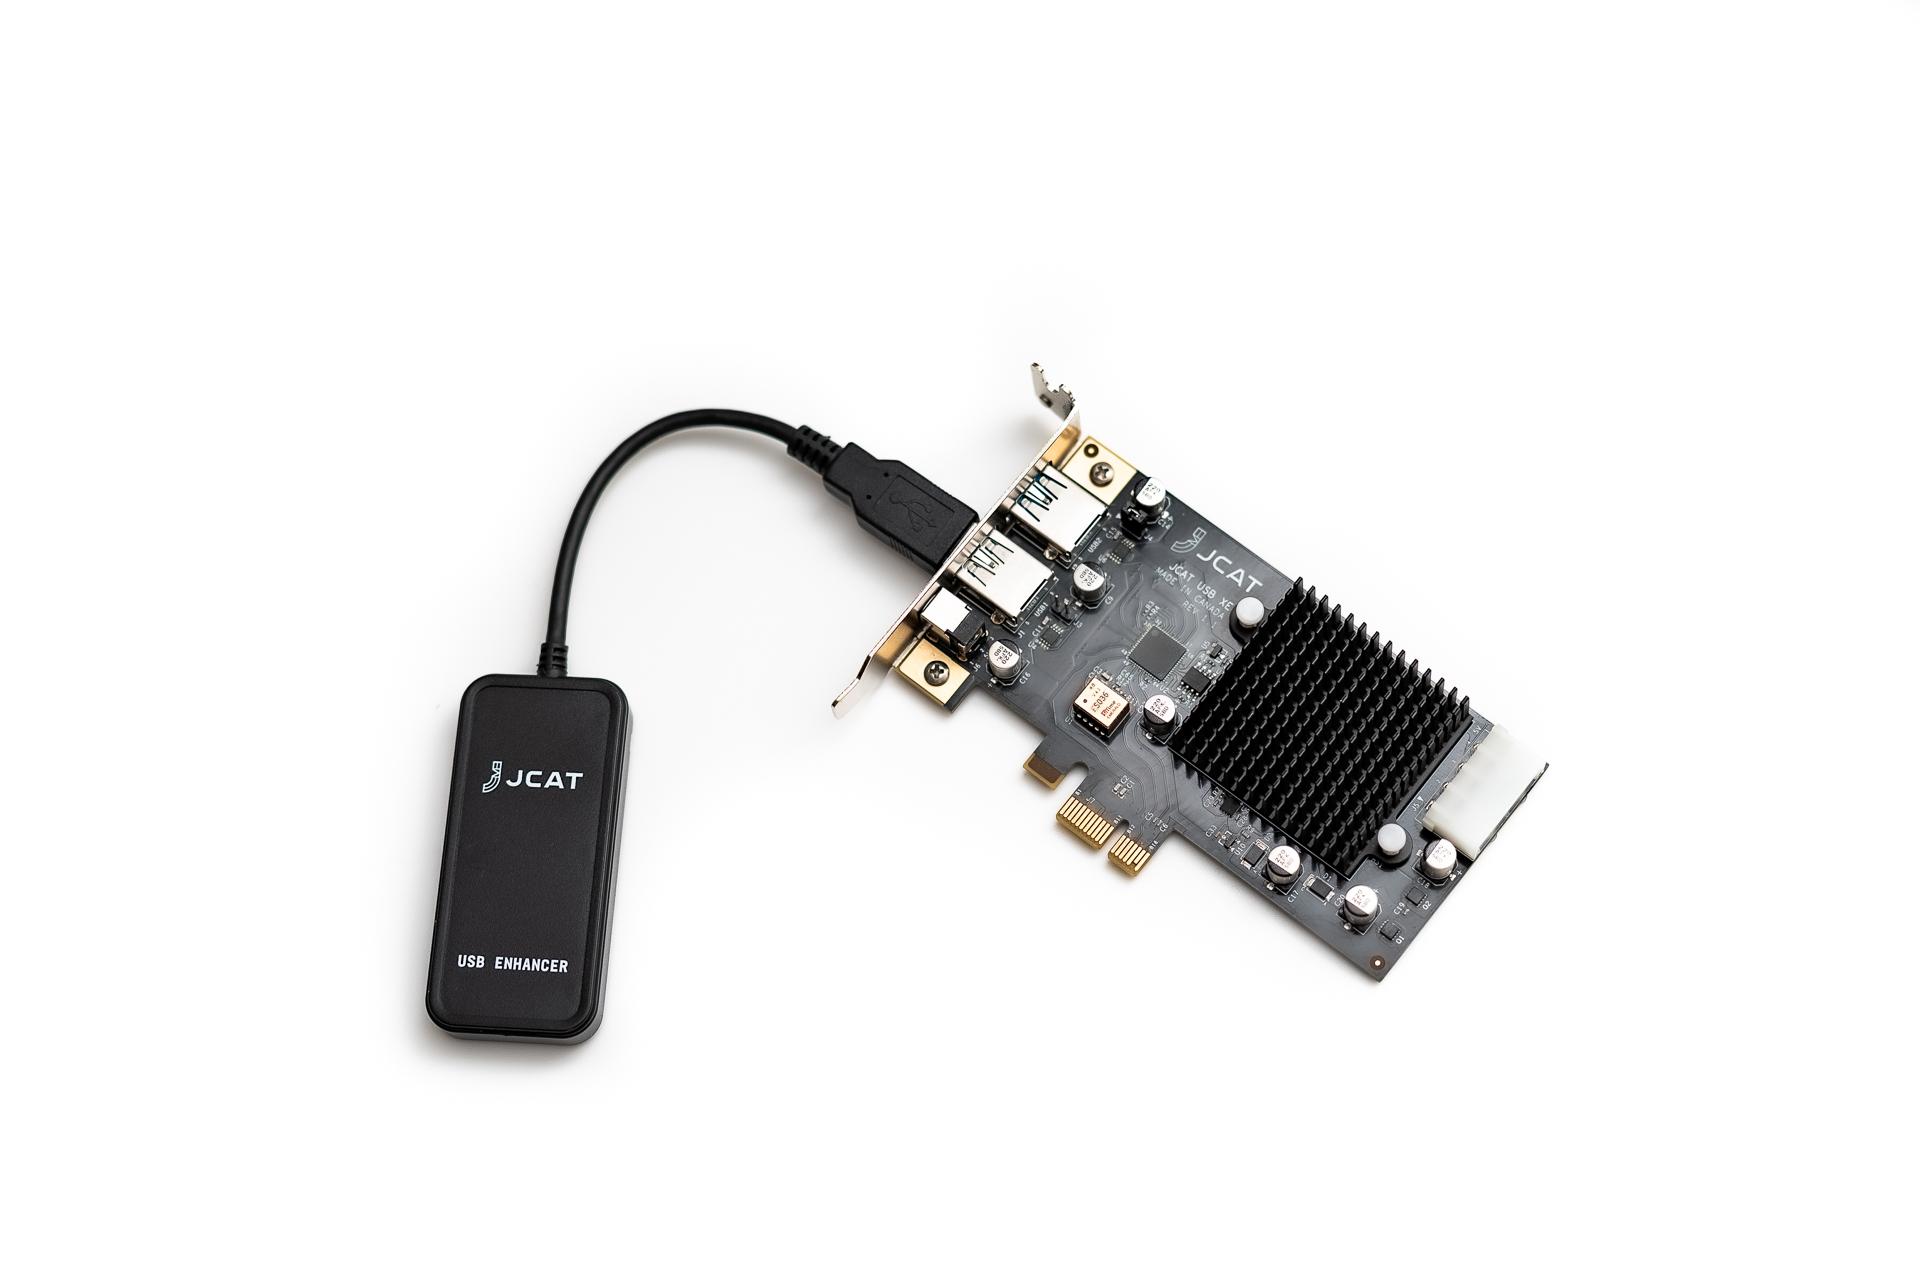 USB ENHANCER removes power noise in audio setup